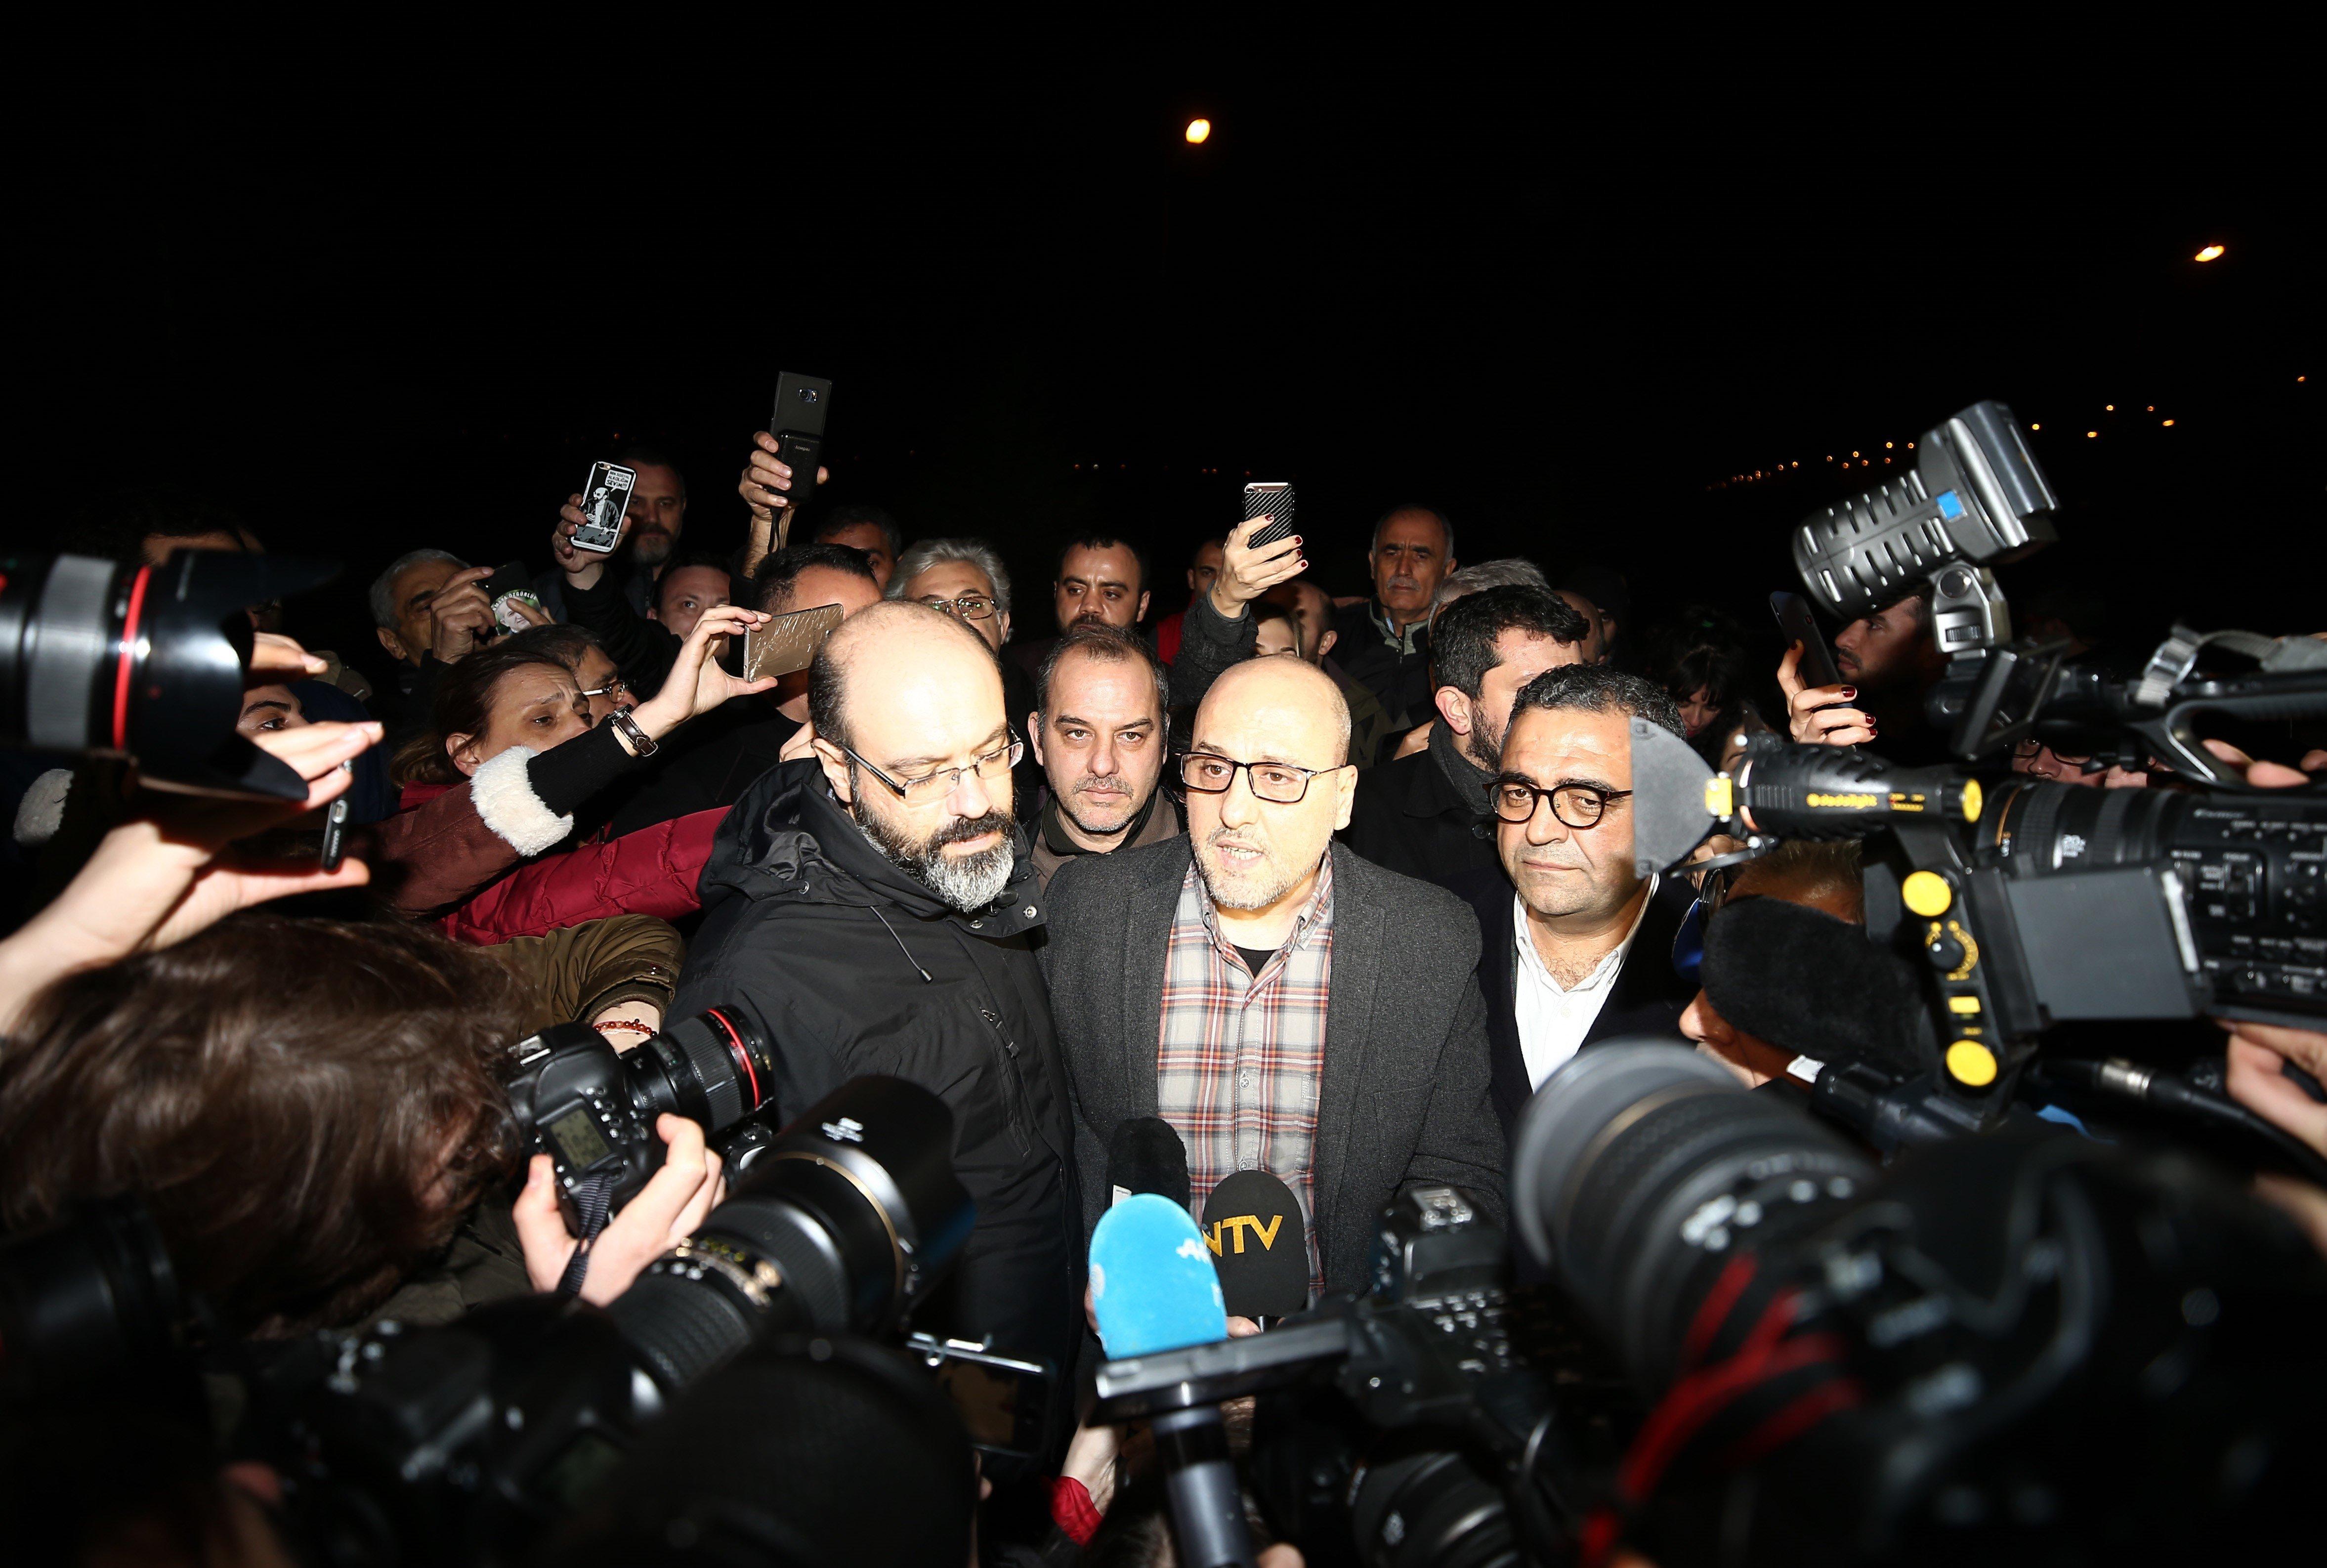 Τουρκία: Δύο δημοσιογράφοι της αντιπολιτευόμενης εφημερίδας Cumhuriyet αποφυλακίστηκαν υπό